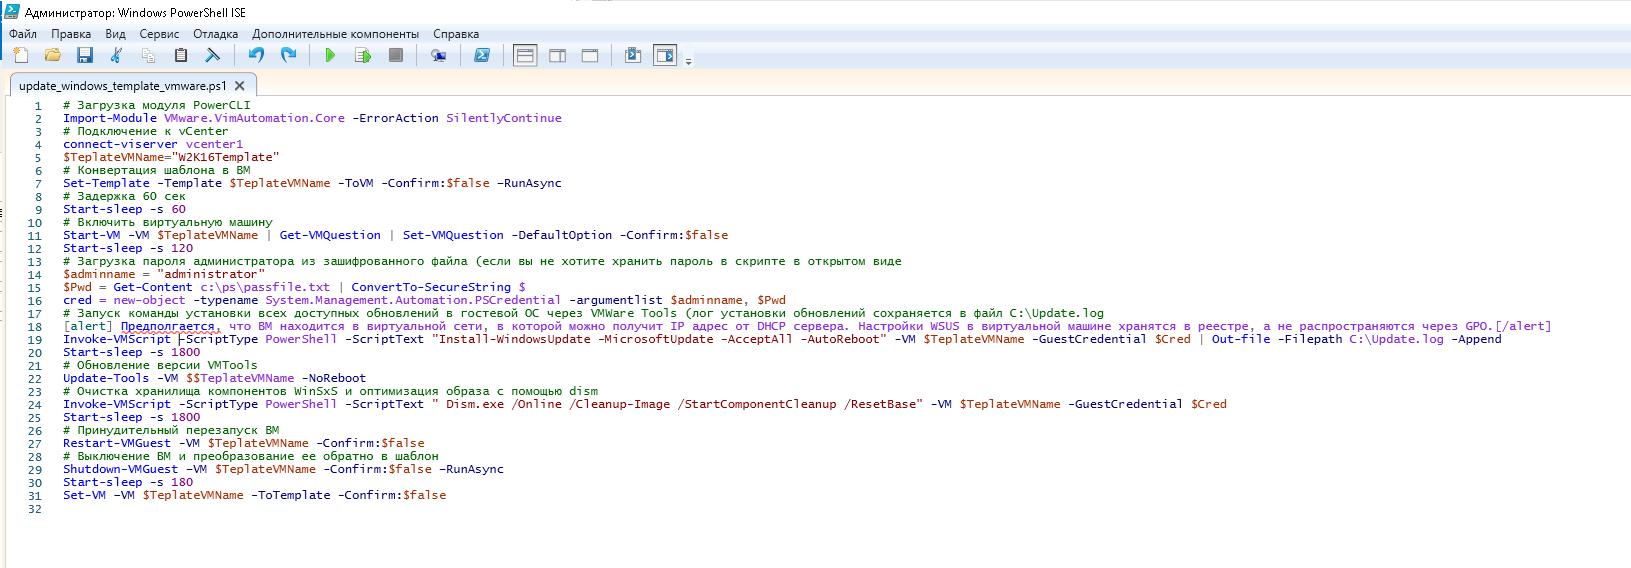 powershell скрипт для автоматической установки обновлений Windows в шаблон виртуальной машины VMWare